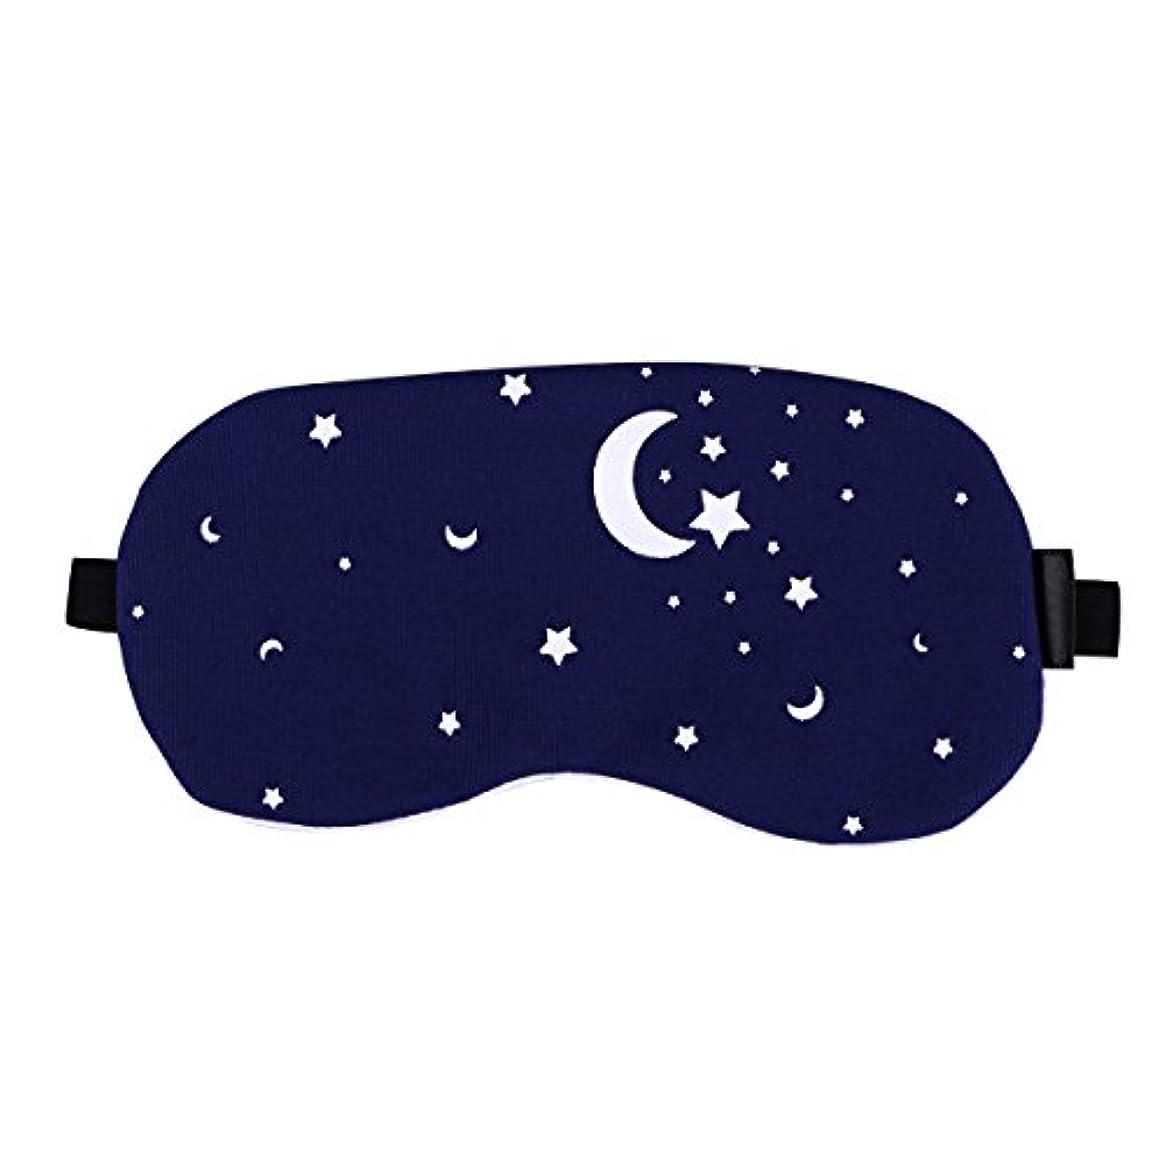 カリング家族スロープHealifty 男性と女性のための夜の眠りの目のマスクの綿とリネンの睡眠の盲目の睡眠のマスクのアイカバー調節可能なアイシェード(星空)